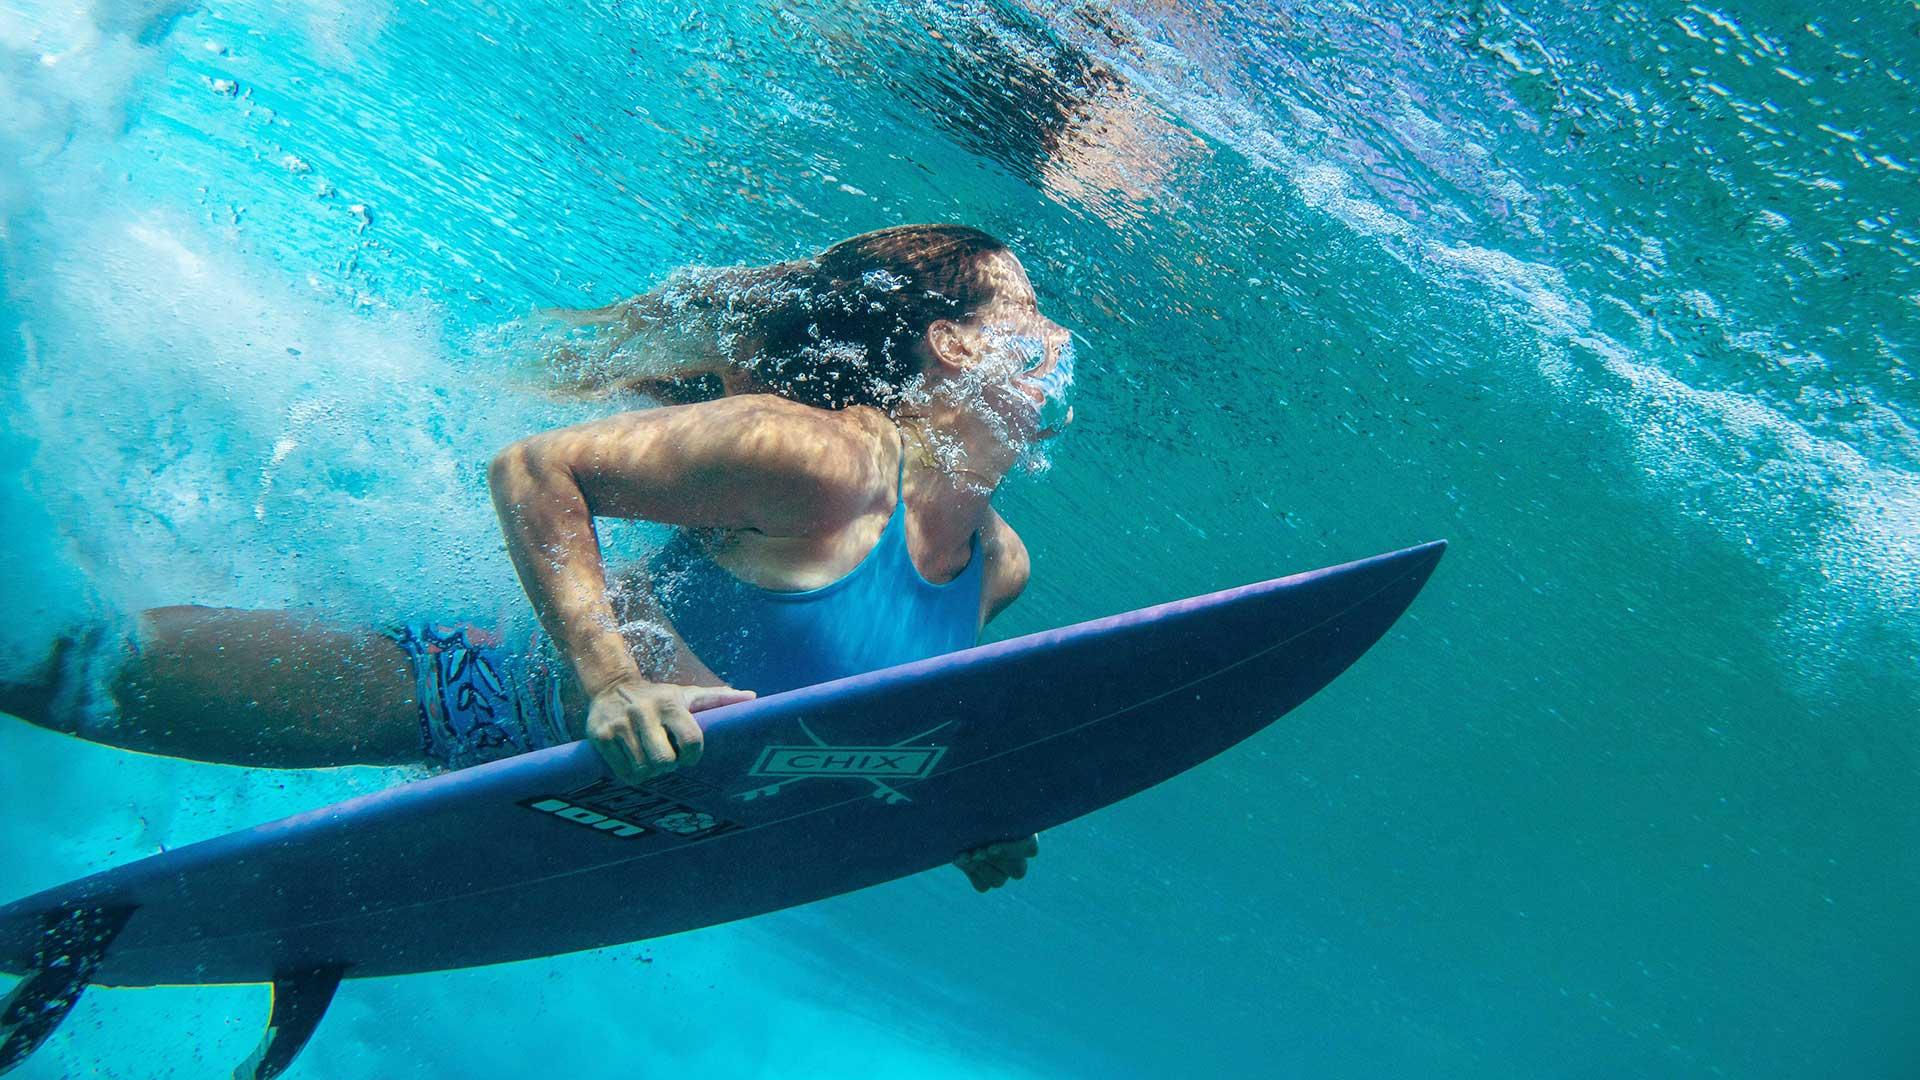 Duck-diving - Gee Cormack Chix Surf School